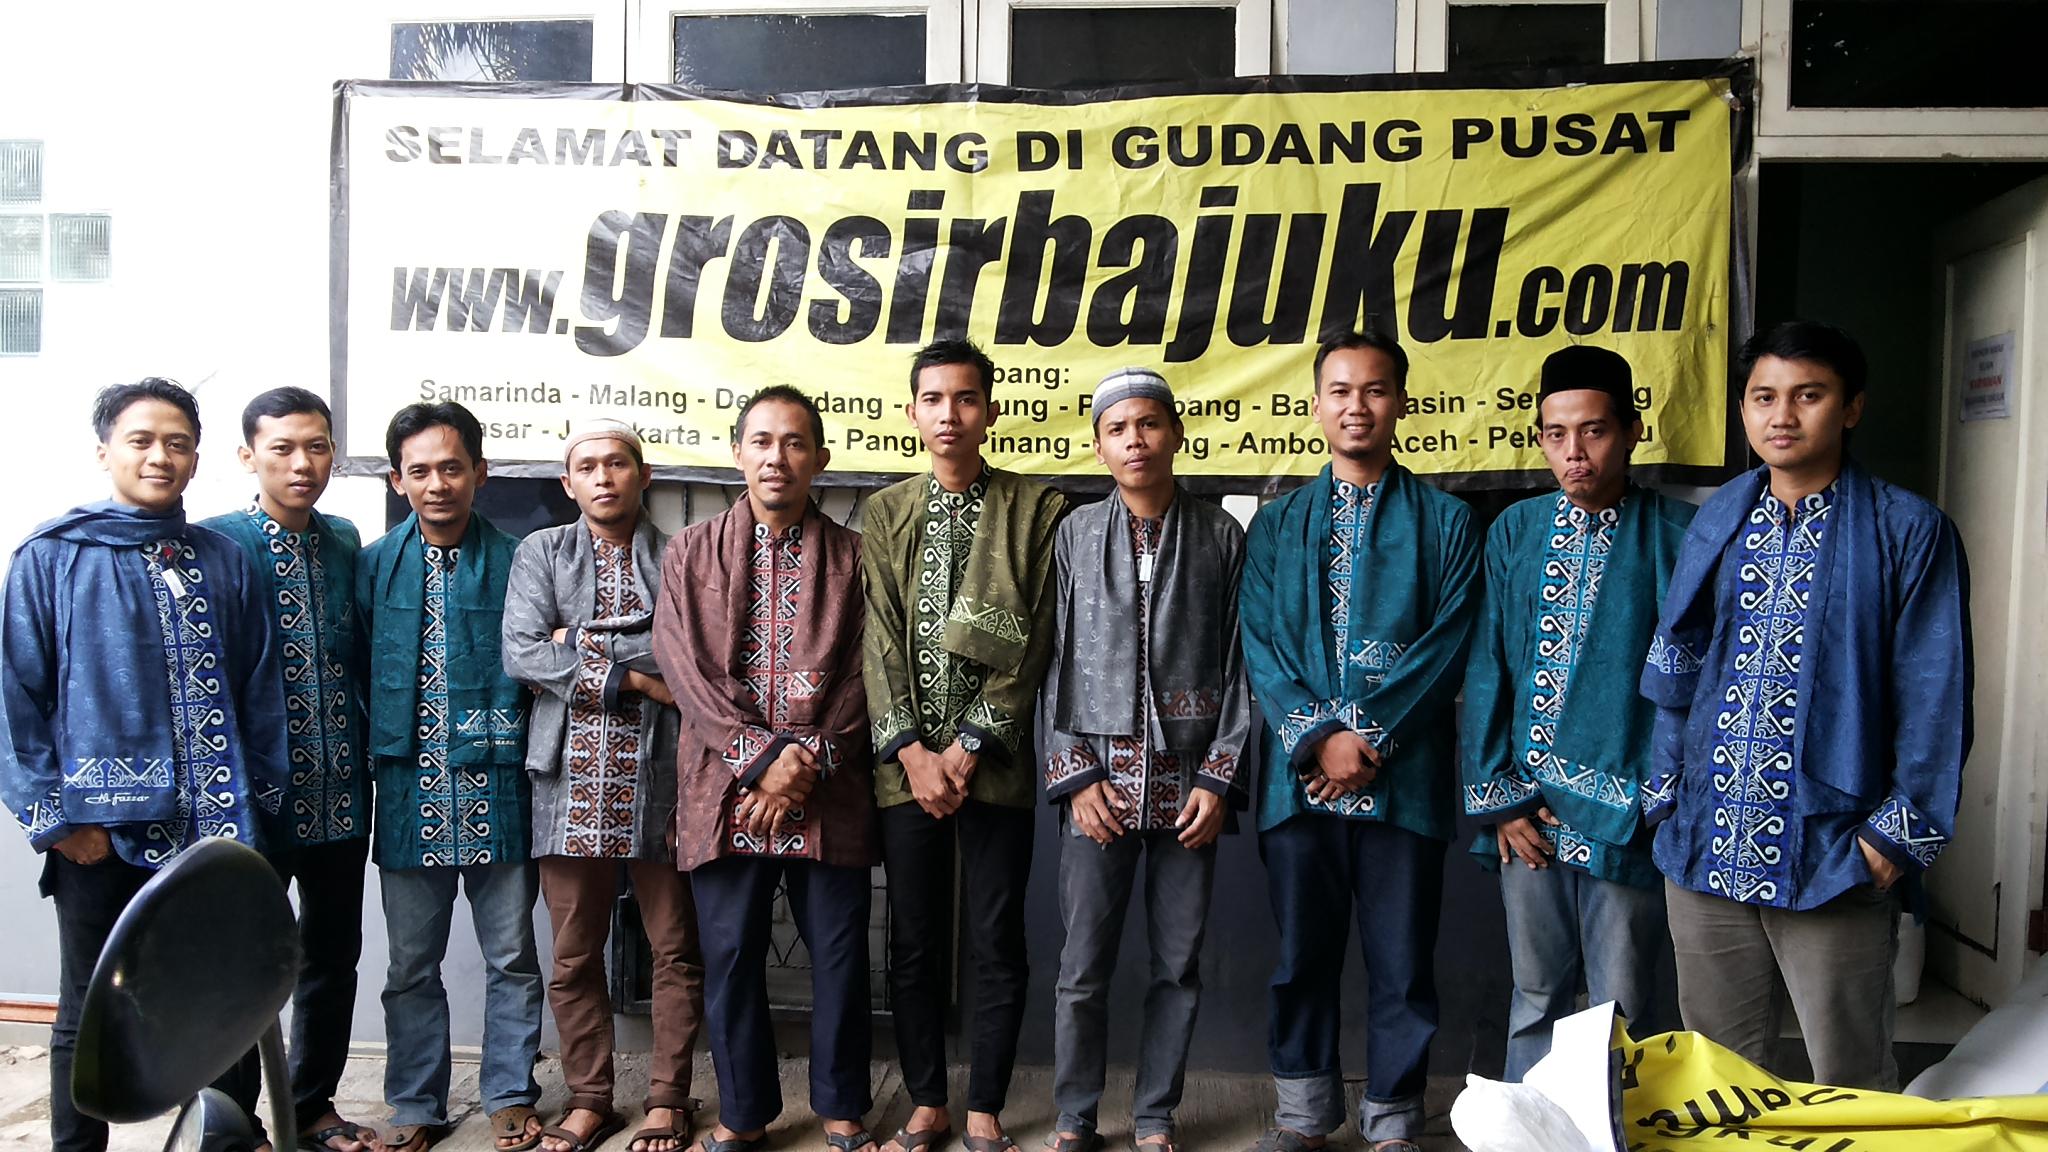 Grosirbajuku Team 2014